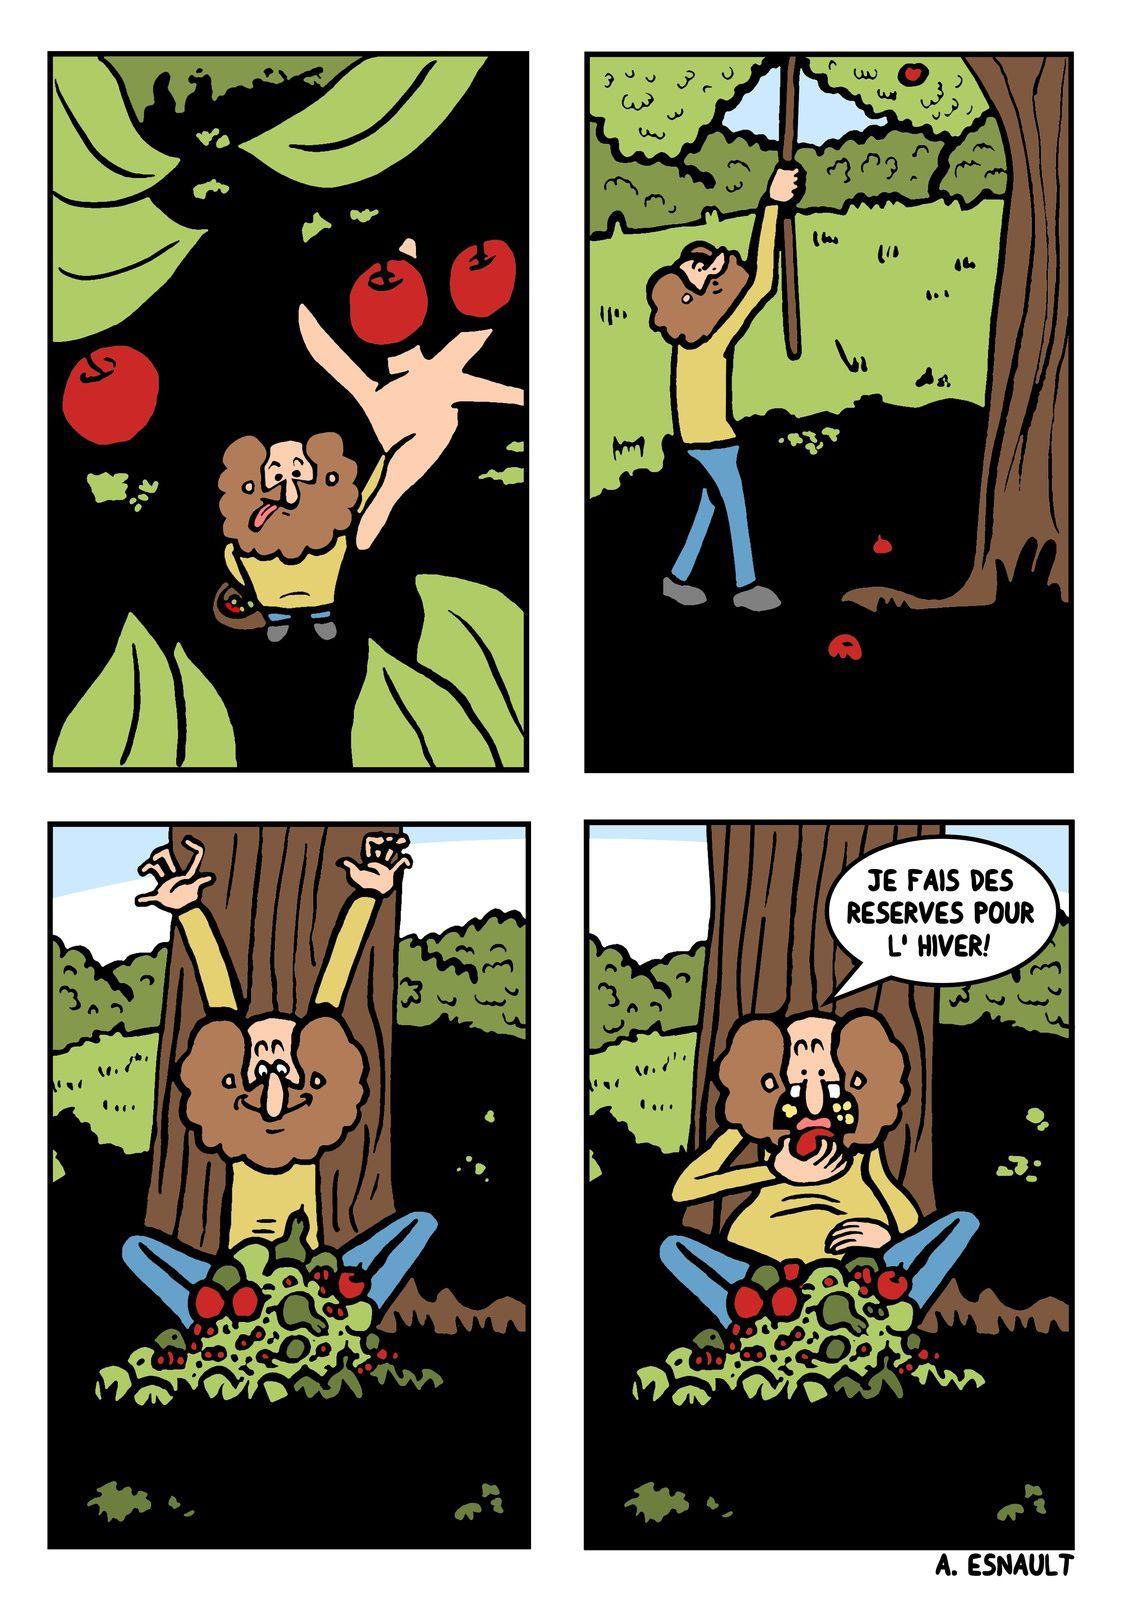 Le mythe de l' Ermite: